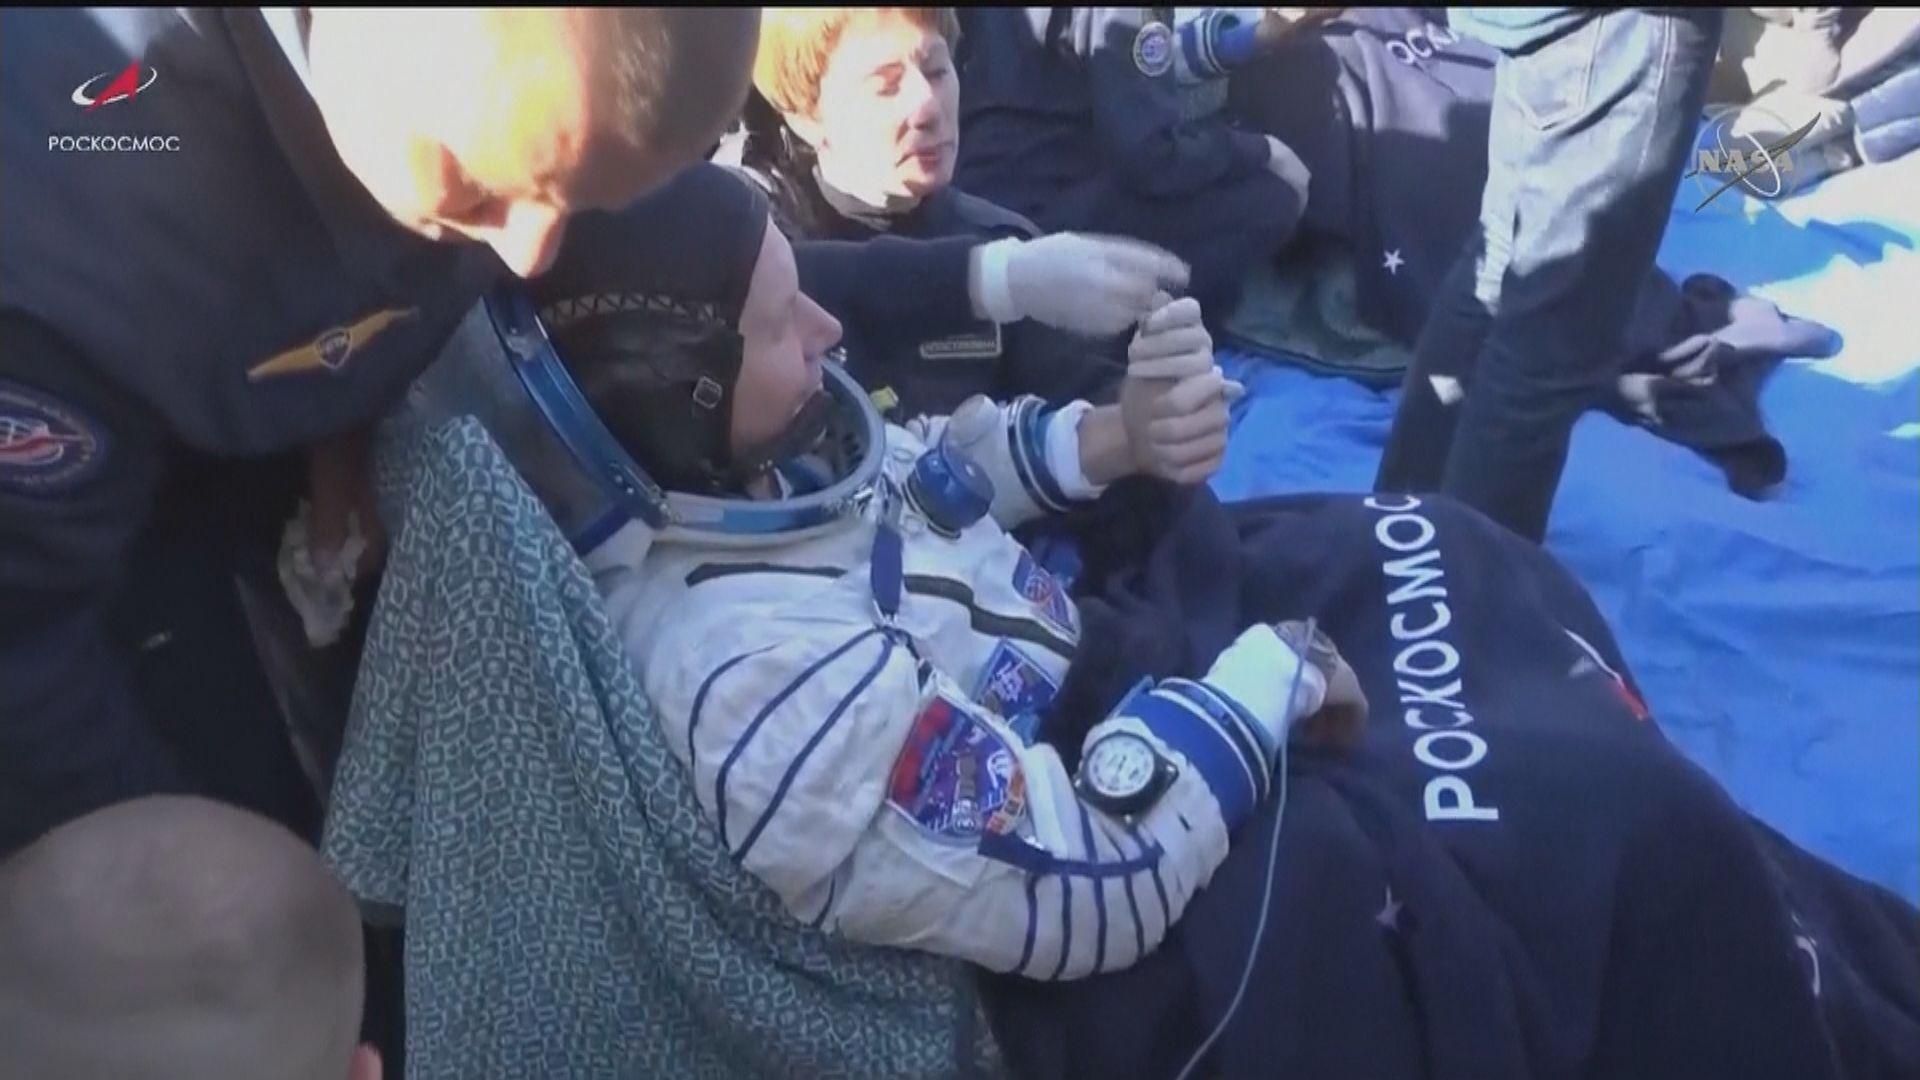 俄羅斯電影攝製隊完成十二日實景太空拍攝重返地球